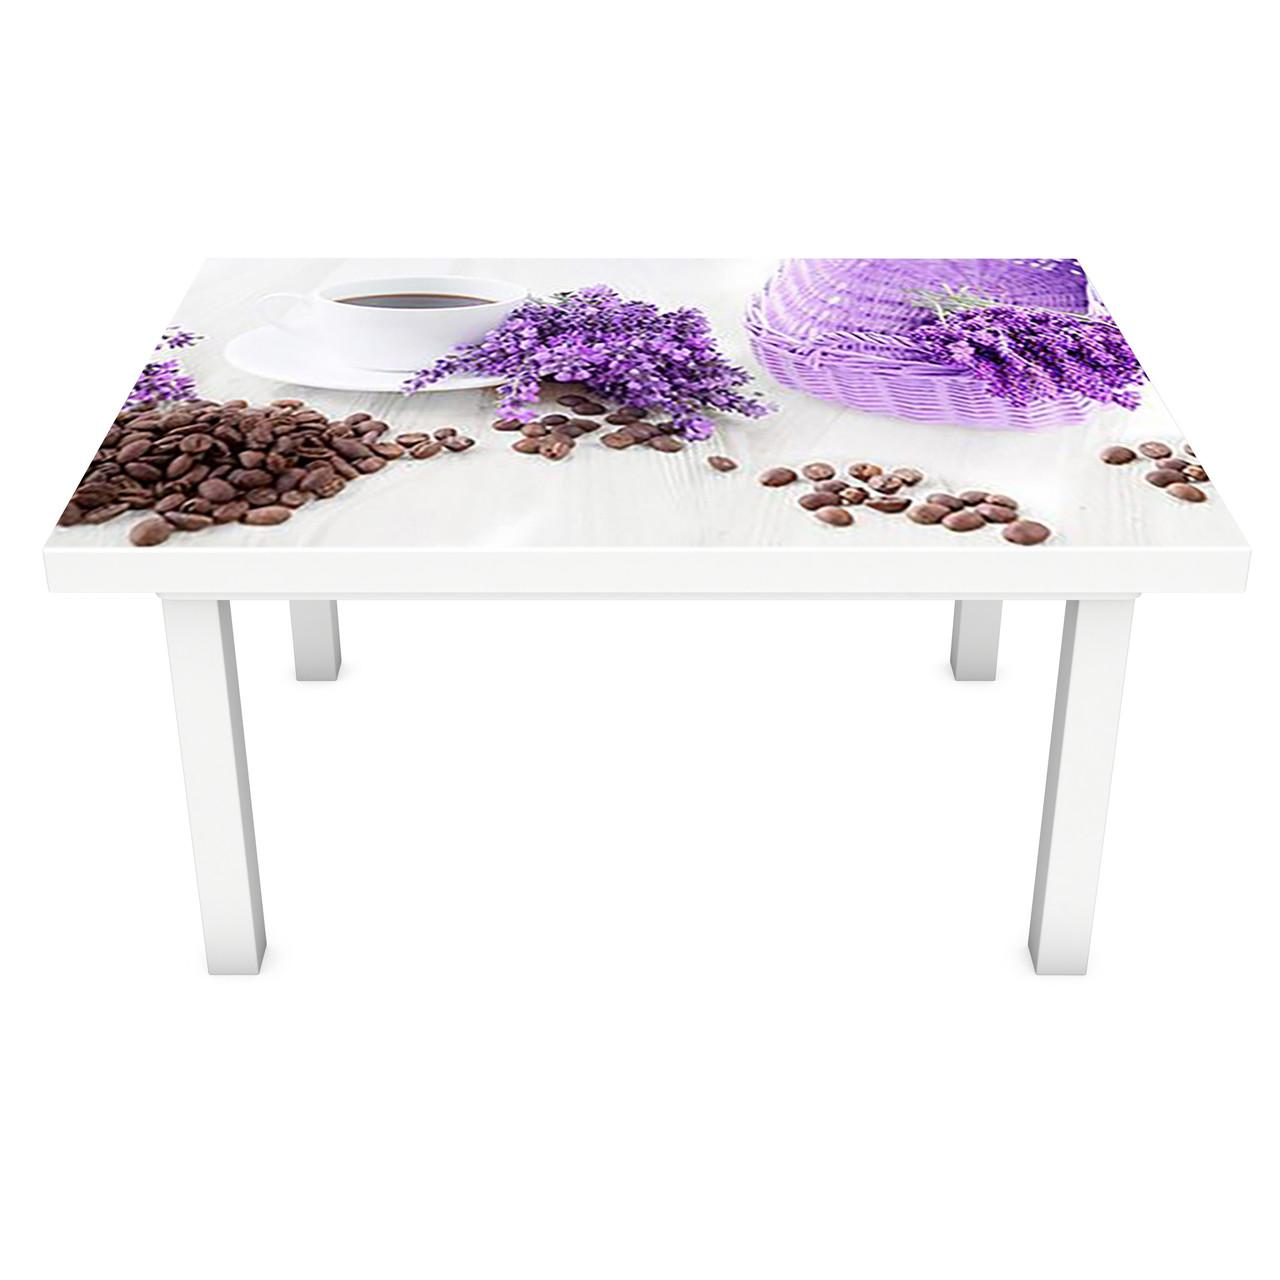 Наклейка на стіл вінілова Лаванда в кошику на меблі інтер'єрна ПВХ плівка фіолетовий 600*1200 мм